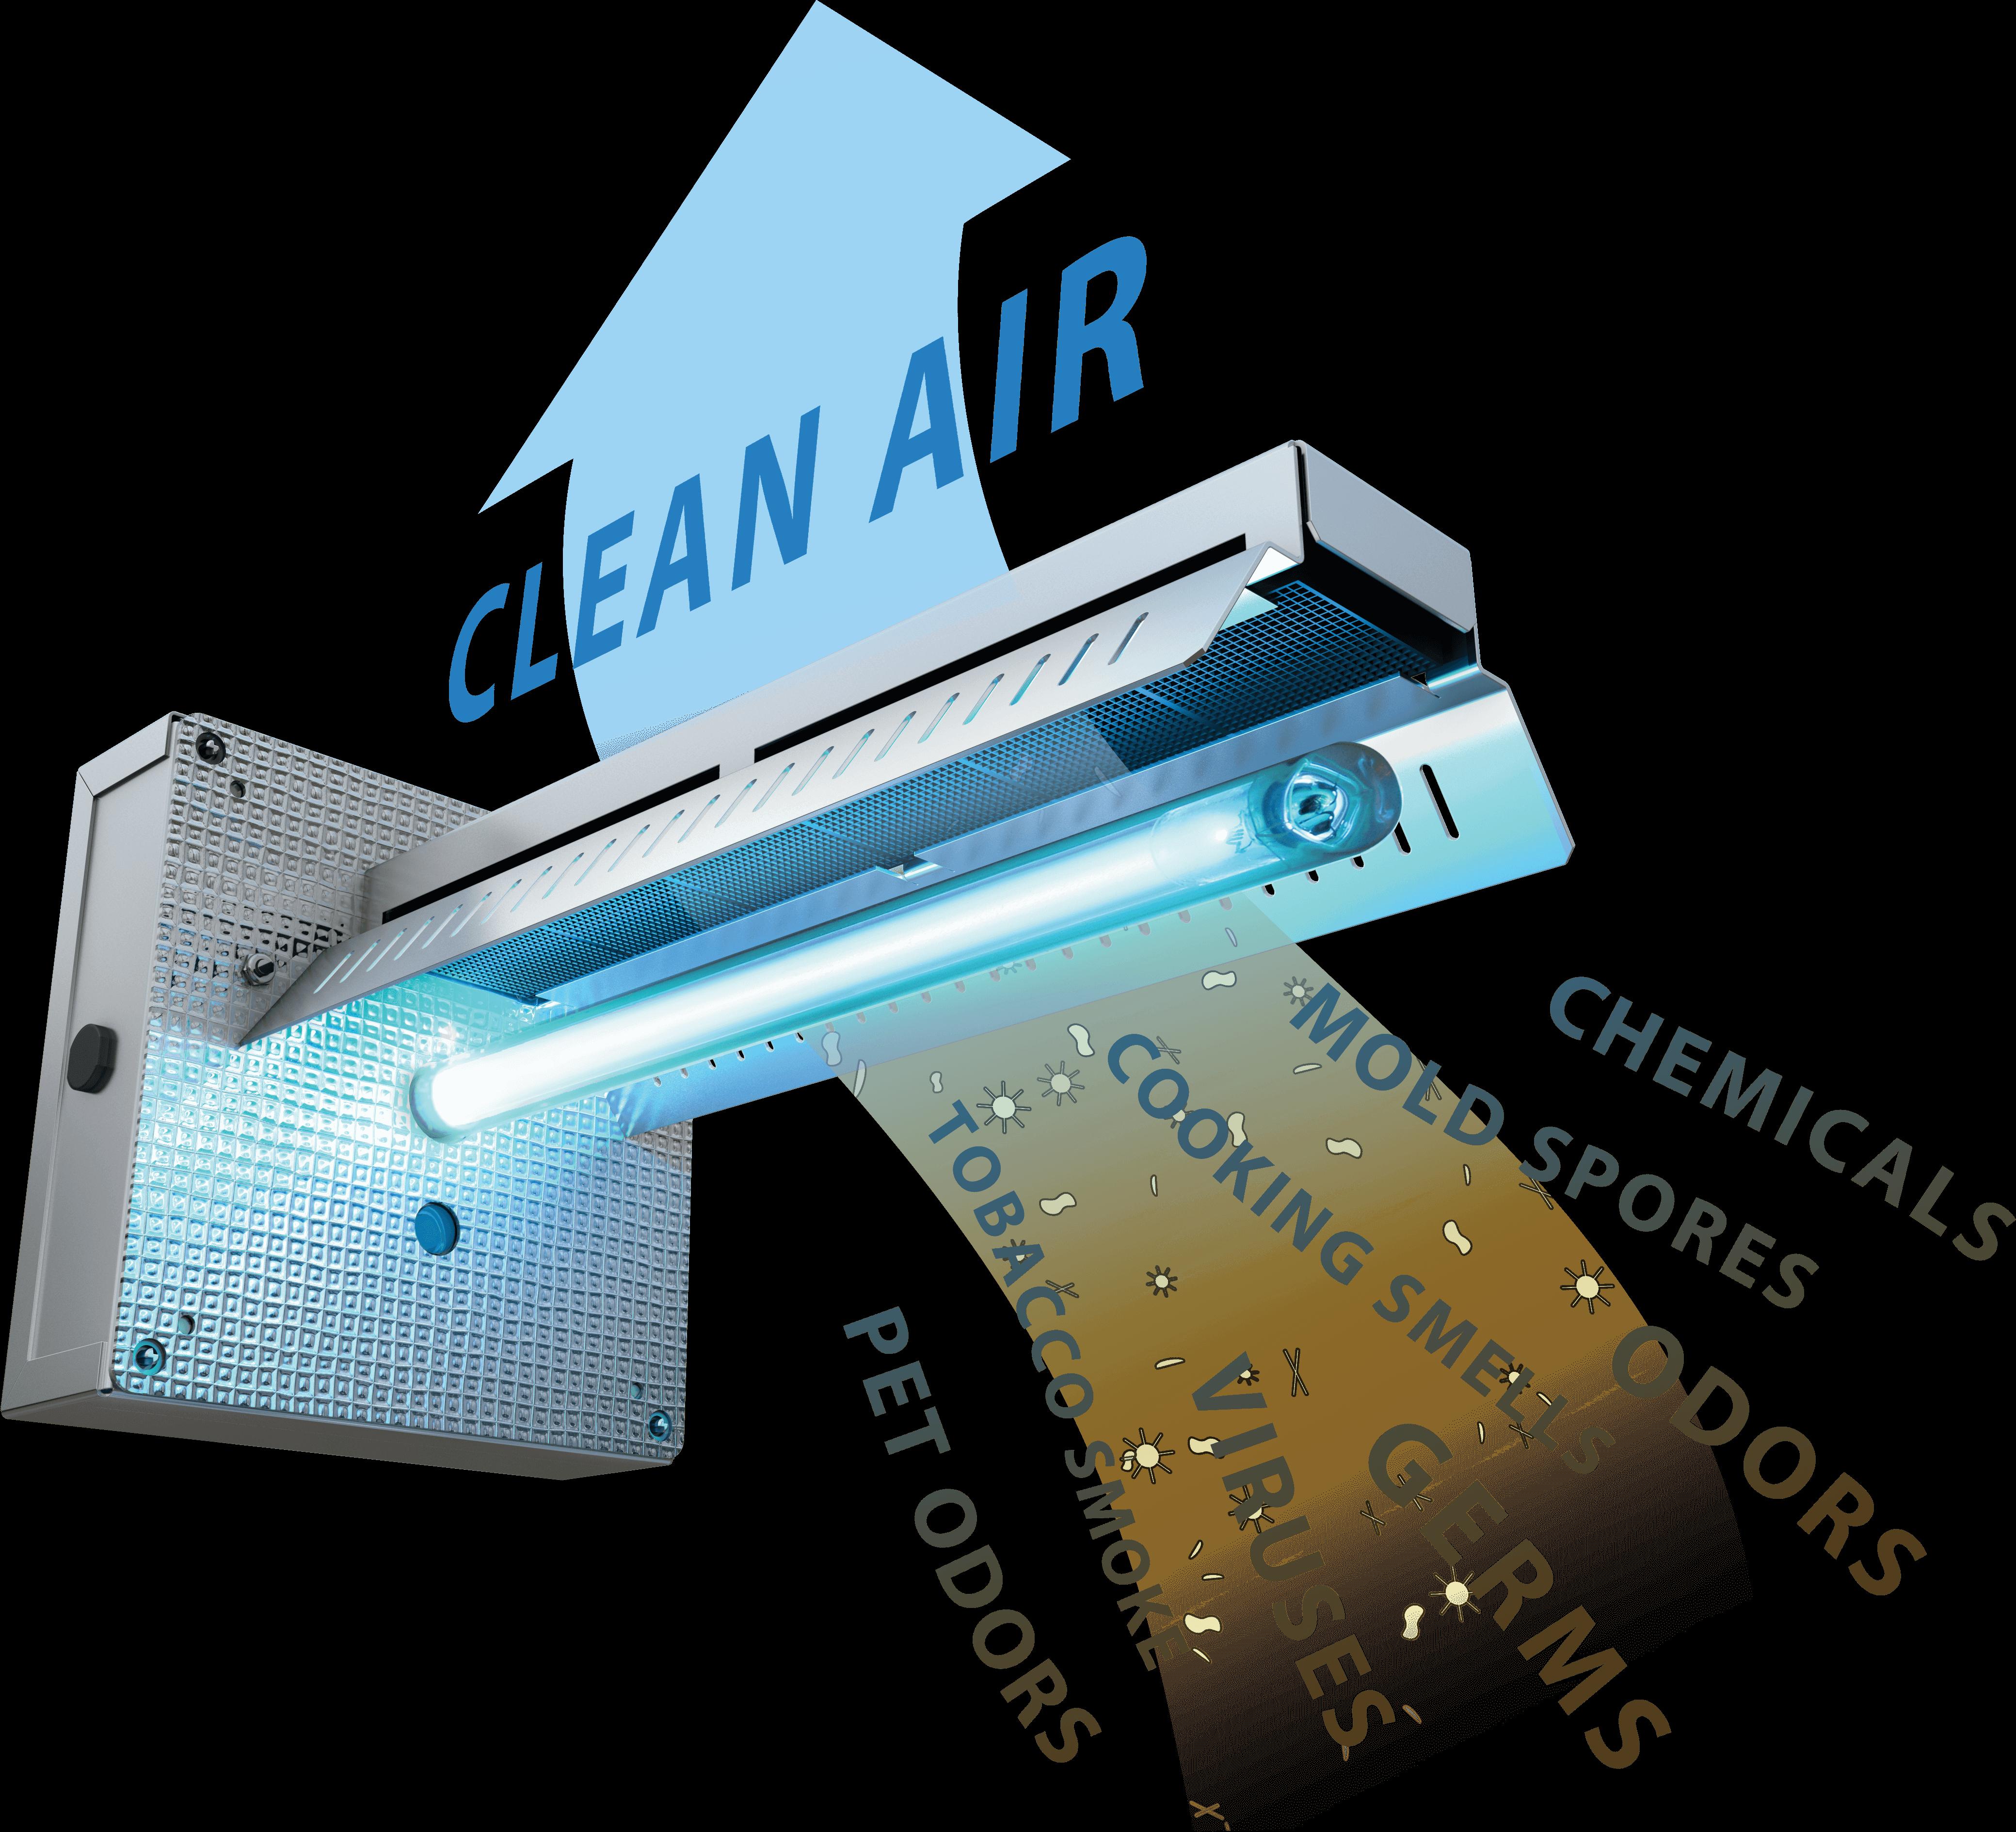 RenUV creating clean air